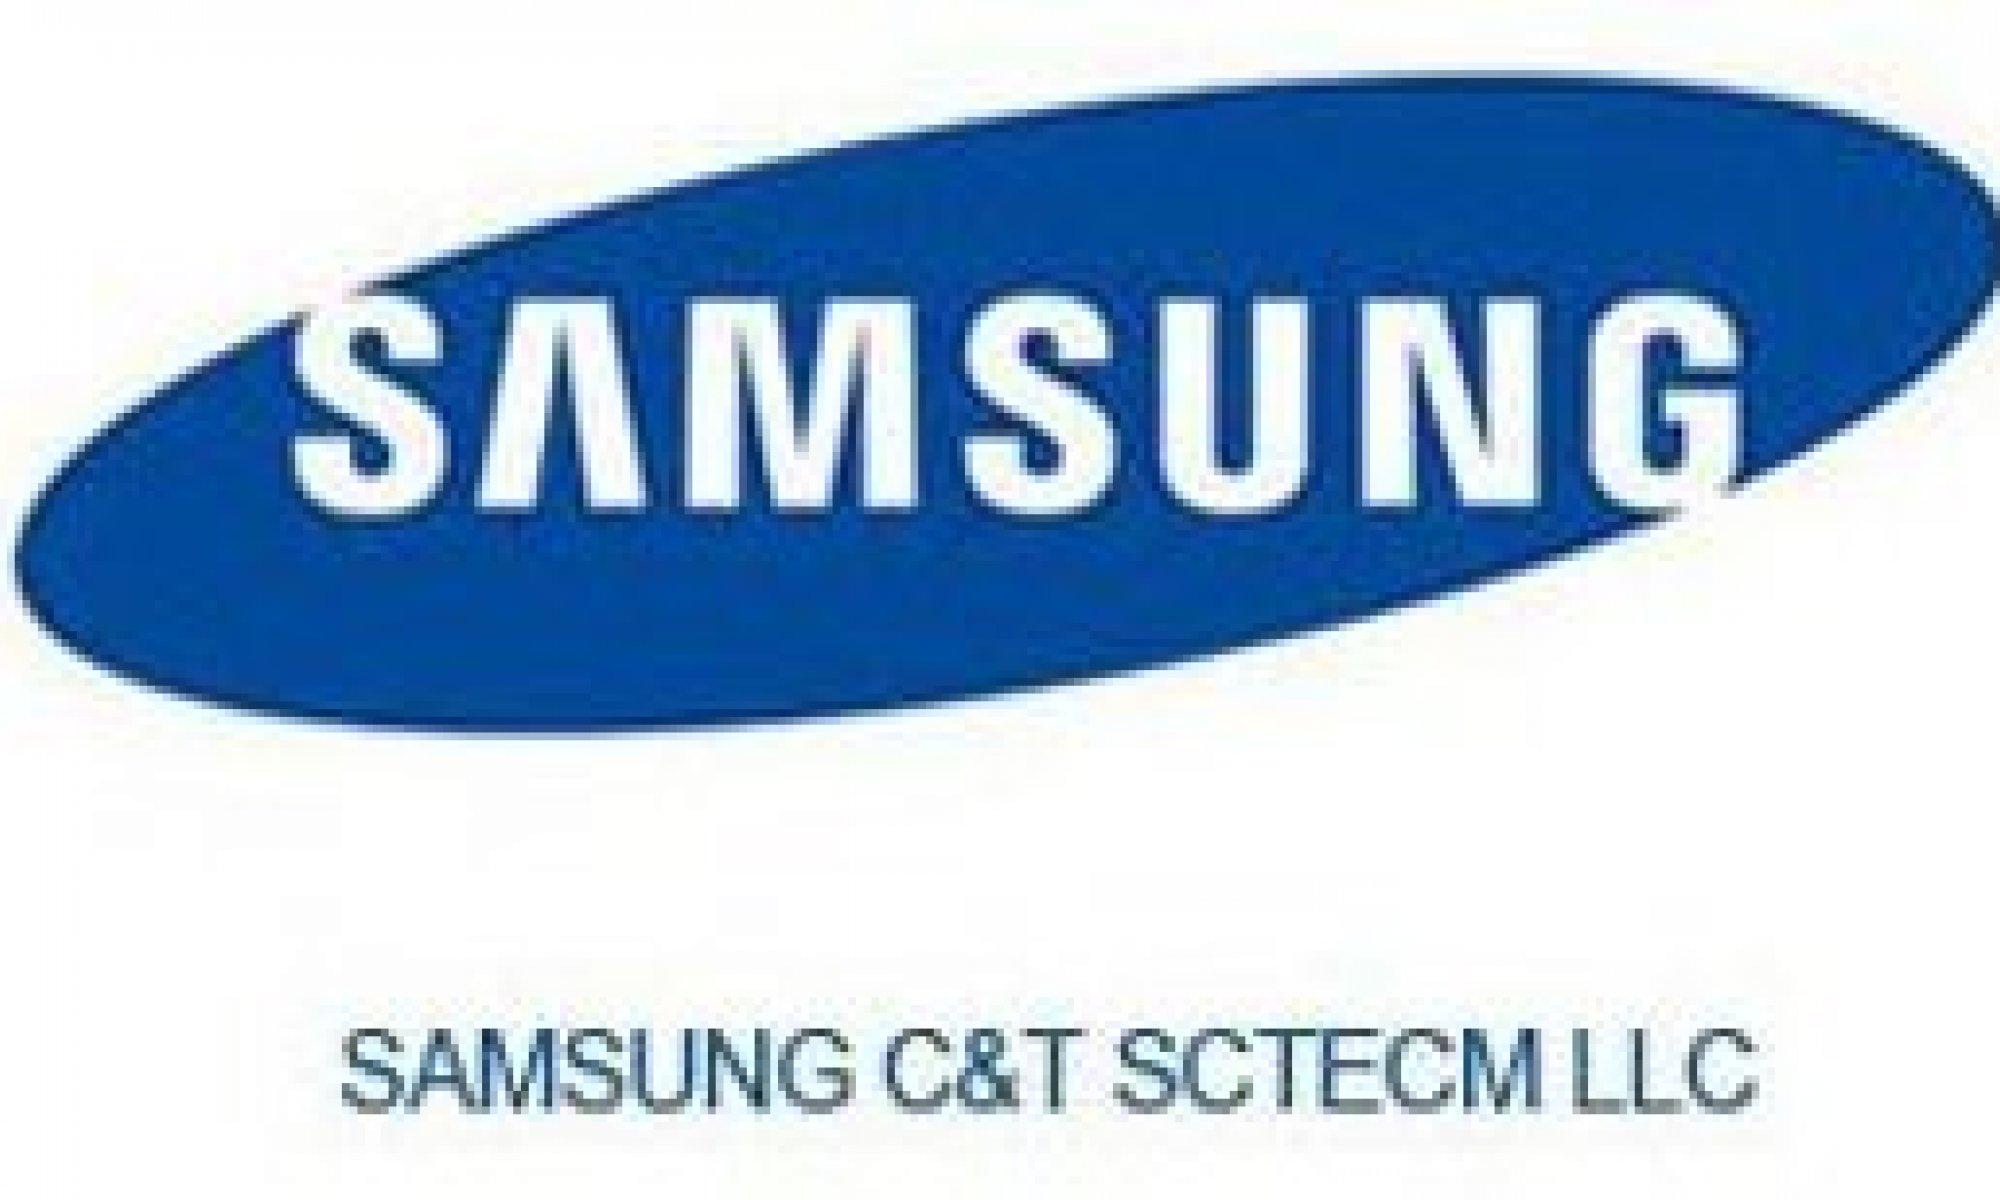 Samsung c&t ххк-ийн ажилчдад катерингийн үйлчилгээ  үзүүлэхээр боллоо